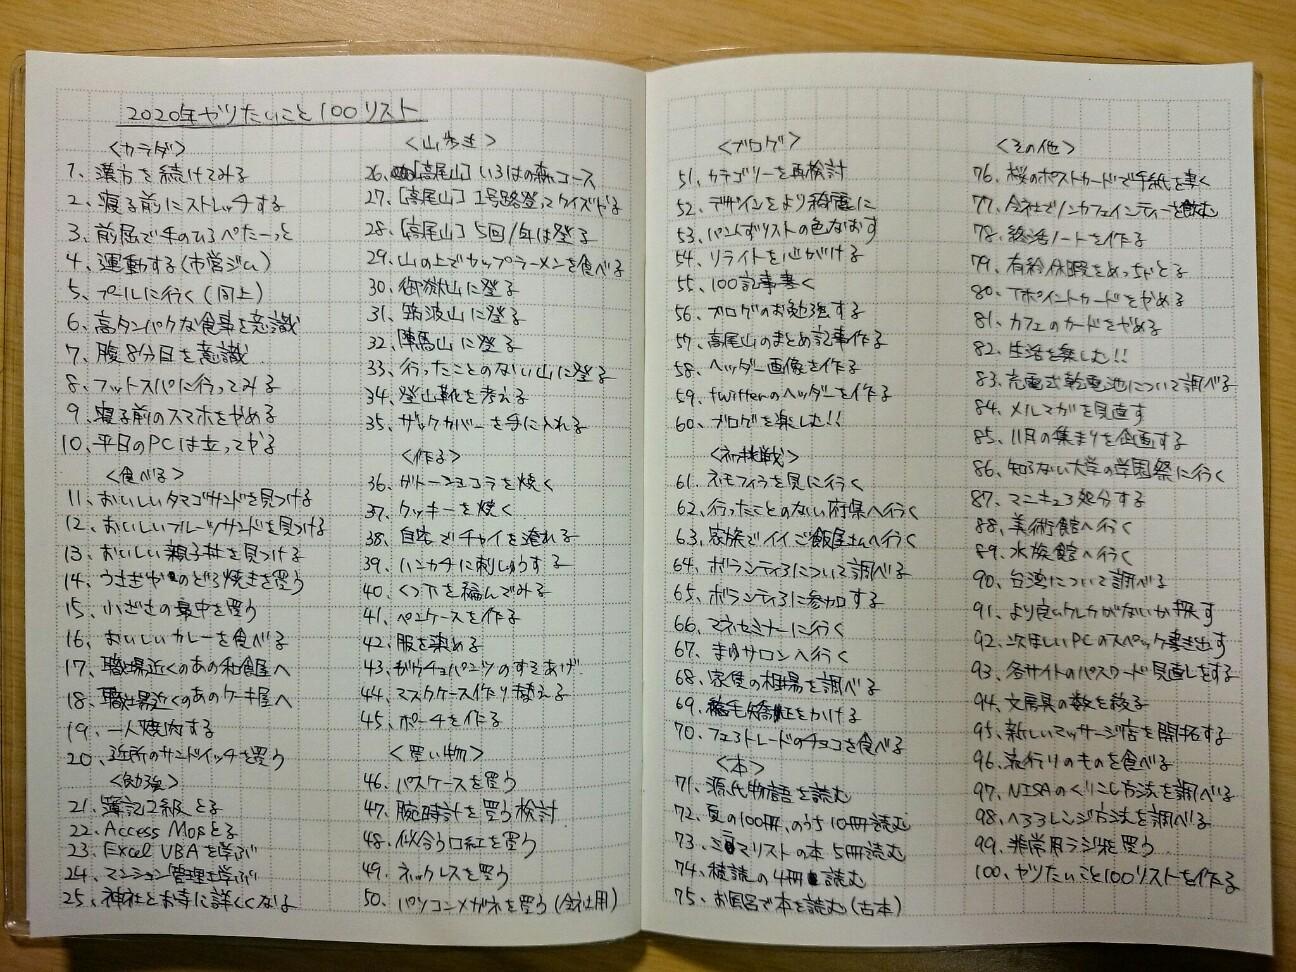 f:id:toutsuki:20200130184703j:image